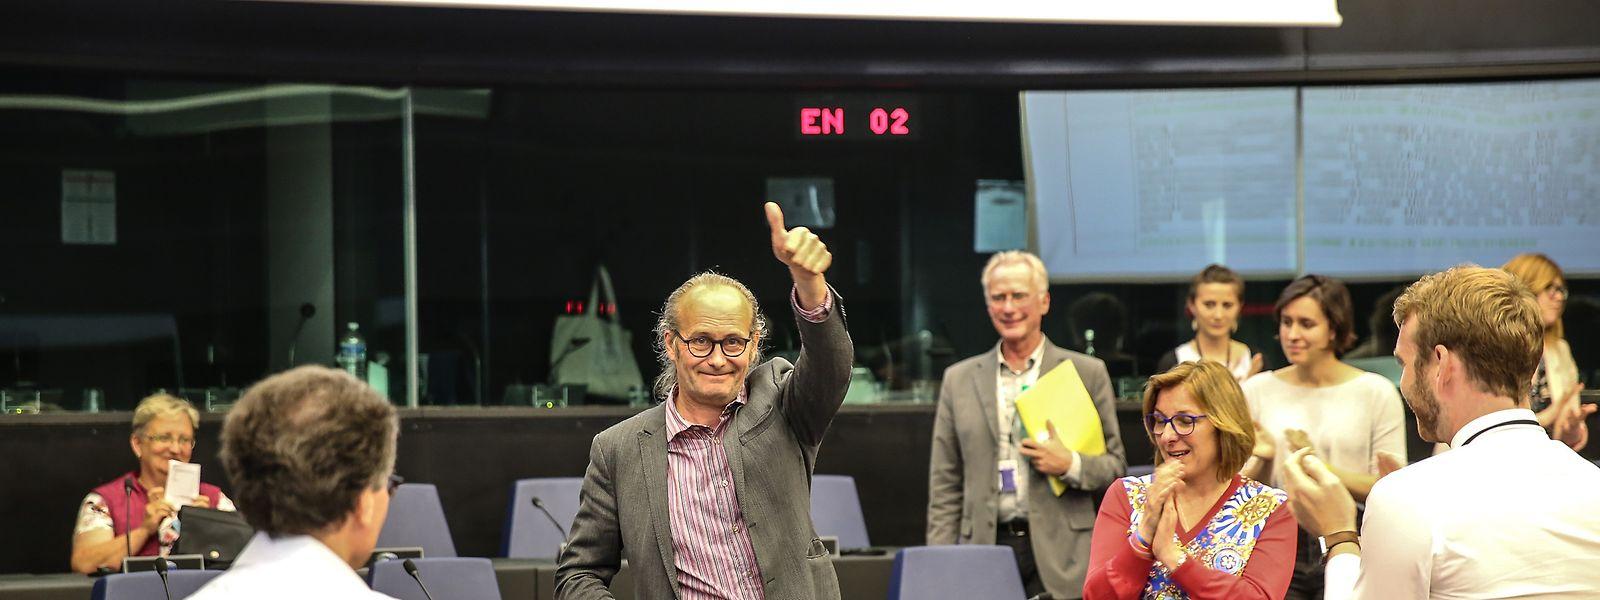 Letzte Ehrenrunde in Straßburg.